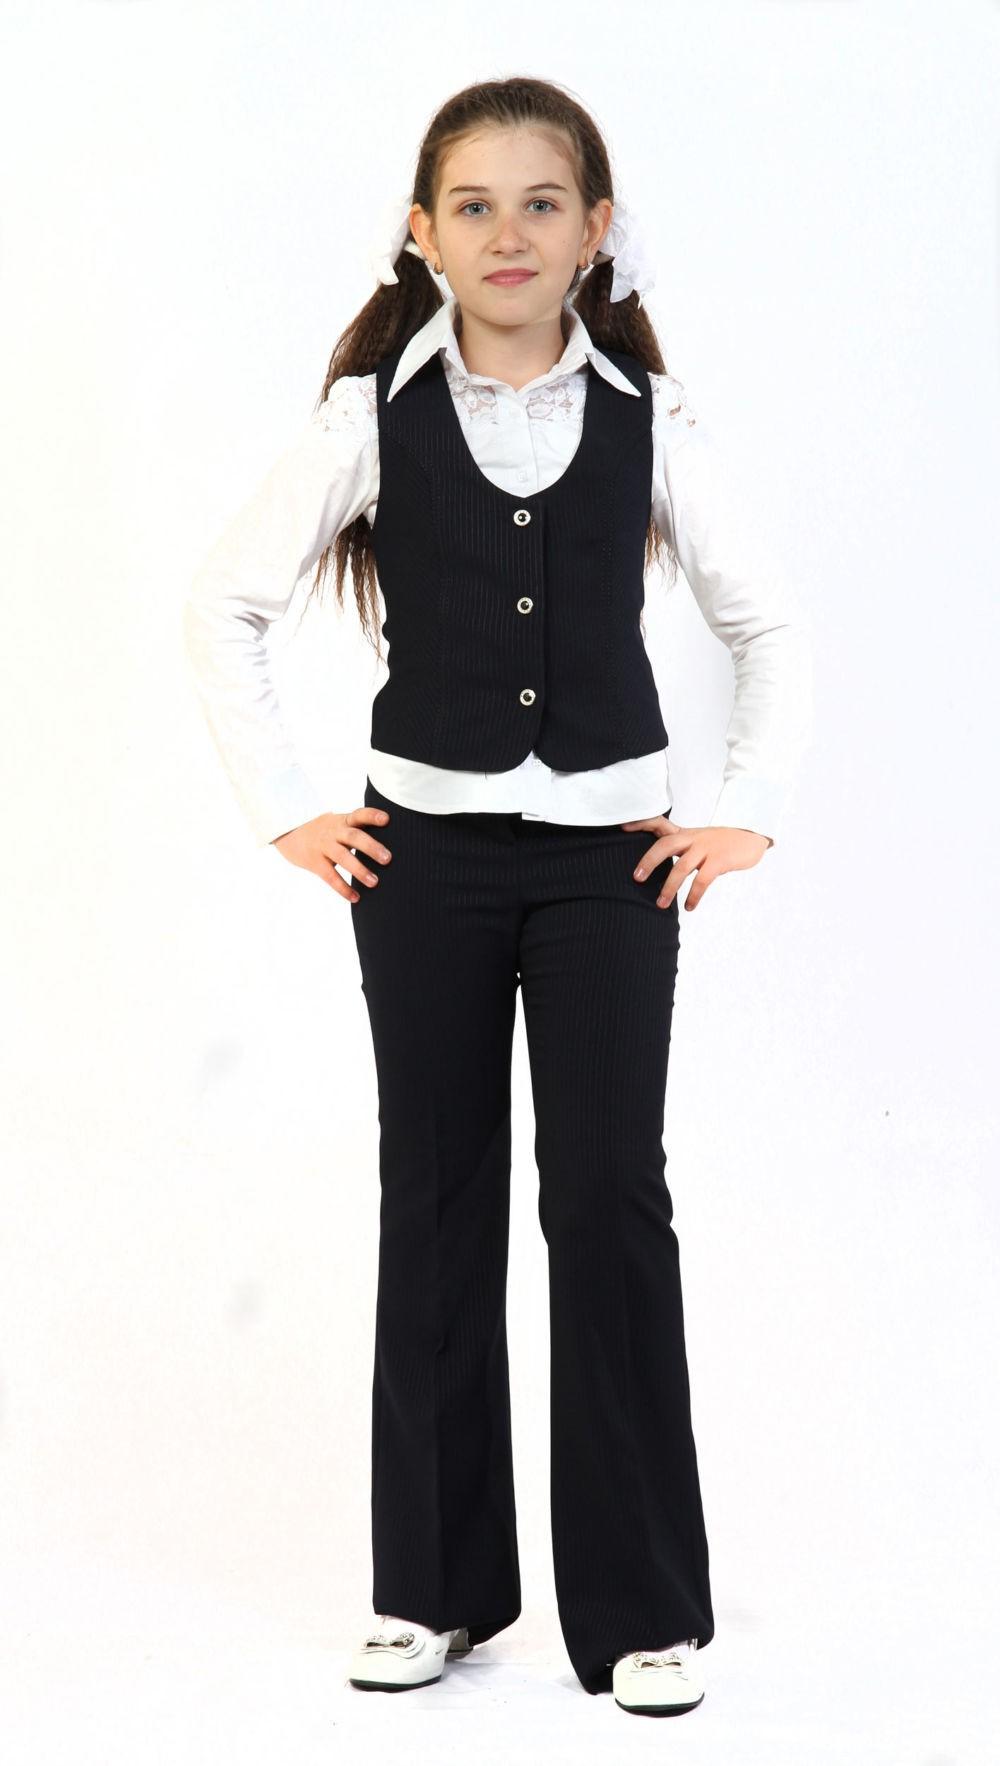 брюки и жилетка черные в полоску под блузку